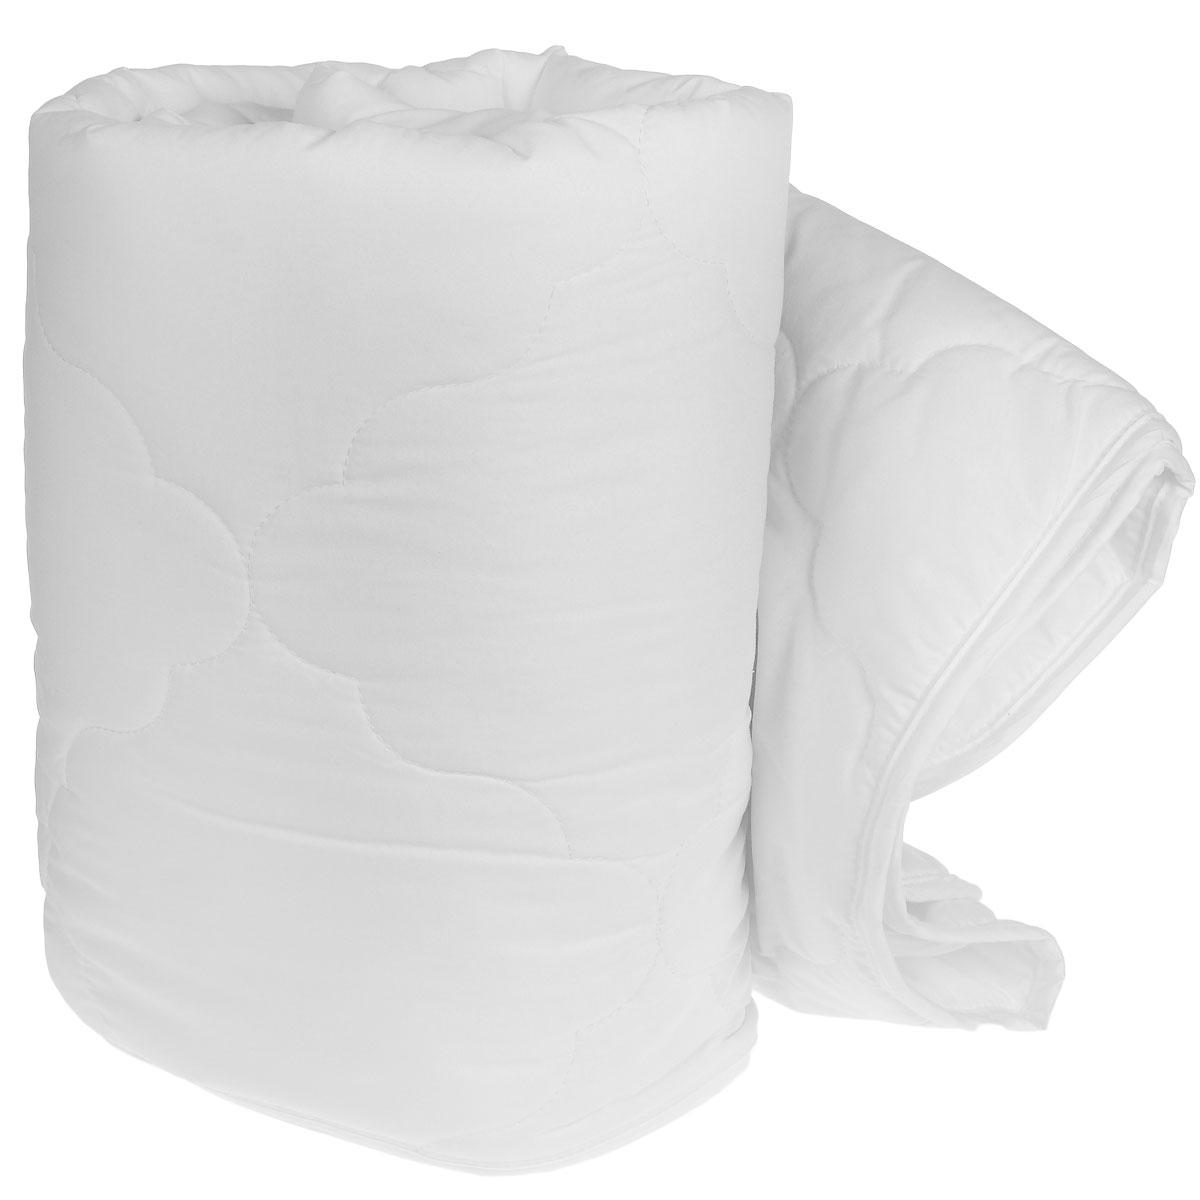 Одеяло легкое Green Line, наполнитель: бамбуковое волокно, цвет: белый, 172 х 205 см165995Легкое одеяло Green Line подарит незабываемое чувство комфорта и уюта во время сна. Верх выполнен из ткани нового поколения измикрофиламентных нитей Ultratex. Внутри - наполнитель из бамбукового волокна. Это экологически чистый натуральный материал, которыйпозаботится о вашем здоровье и подарит комфортный сон. Бамбук обеспечивает антибактериальную защиту и имеет оптимальнуютерморегуляцию. Стежка и кант по краю не позволяют наполнителю скатываться и равномерно удерживают его внутри.Одеяло легкое и тонкое - оно идеально подойдет для лета, под ним будет прохладно и комфортно спать в жару.Рекомендации по уходу:- ручная и машинная стирка при температуре 30°С,- не отбеливать,- нельзя отжимать и сушить в стиральной машине,- не гладить,- химчистка с мягкими растворителями,- сушить вертикально. Материал чехла: ткань Ultratex (100% полиэстер). Наполнитель: 50% бамбуковое волокно (100% вискоза), 50% высокоизвитое волокно (100% полиэстер).Размер: 172 см х 205 см.Вес наполнителя: 150 г/м2.